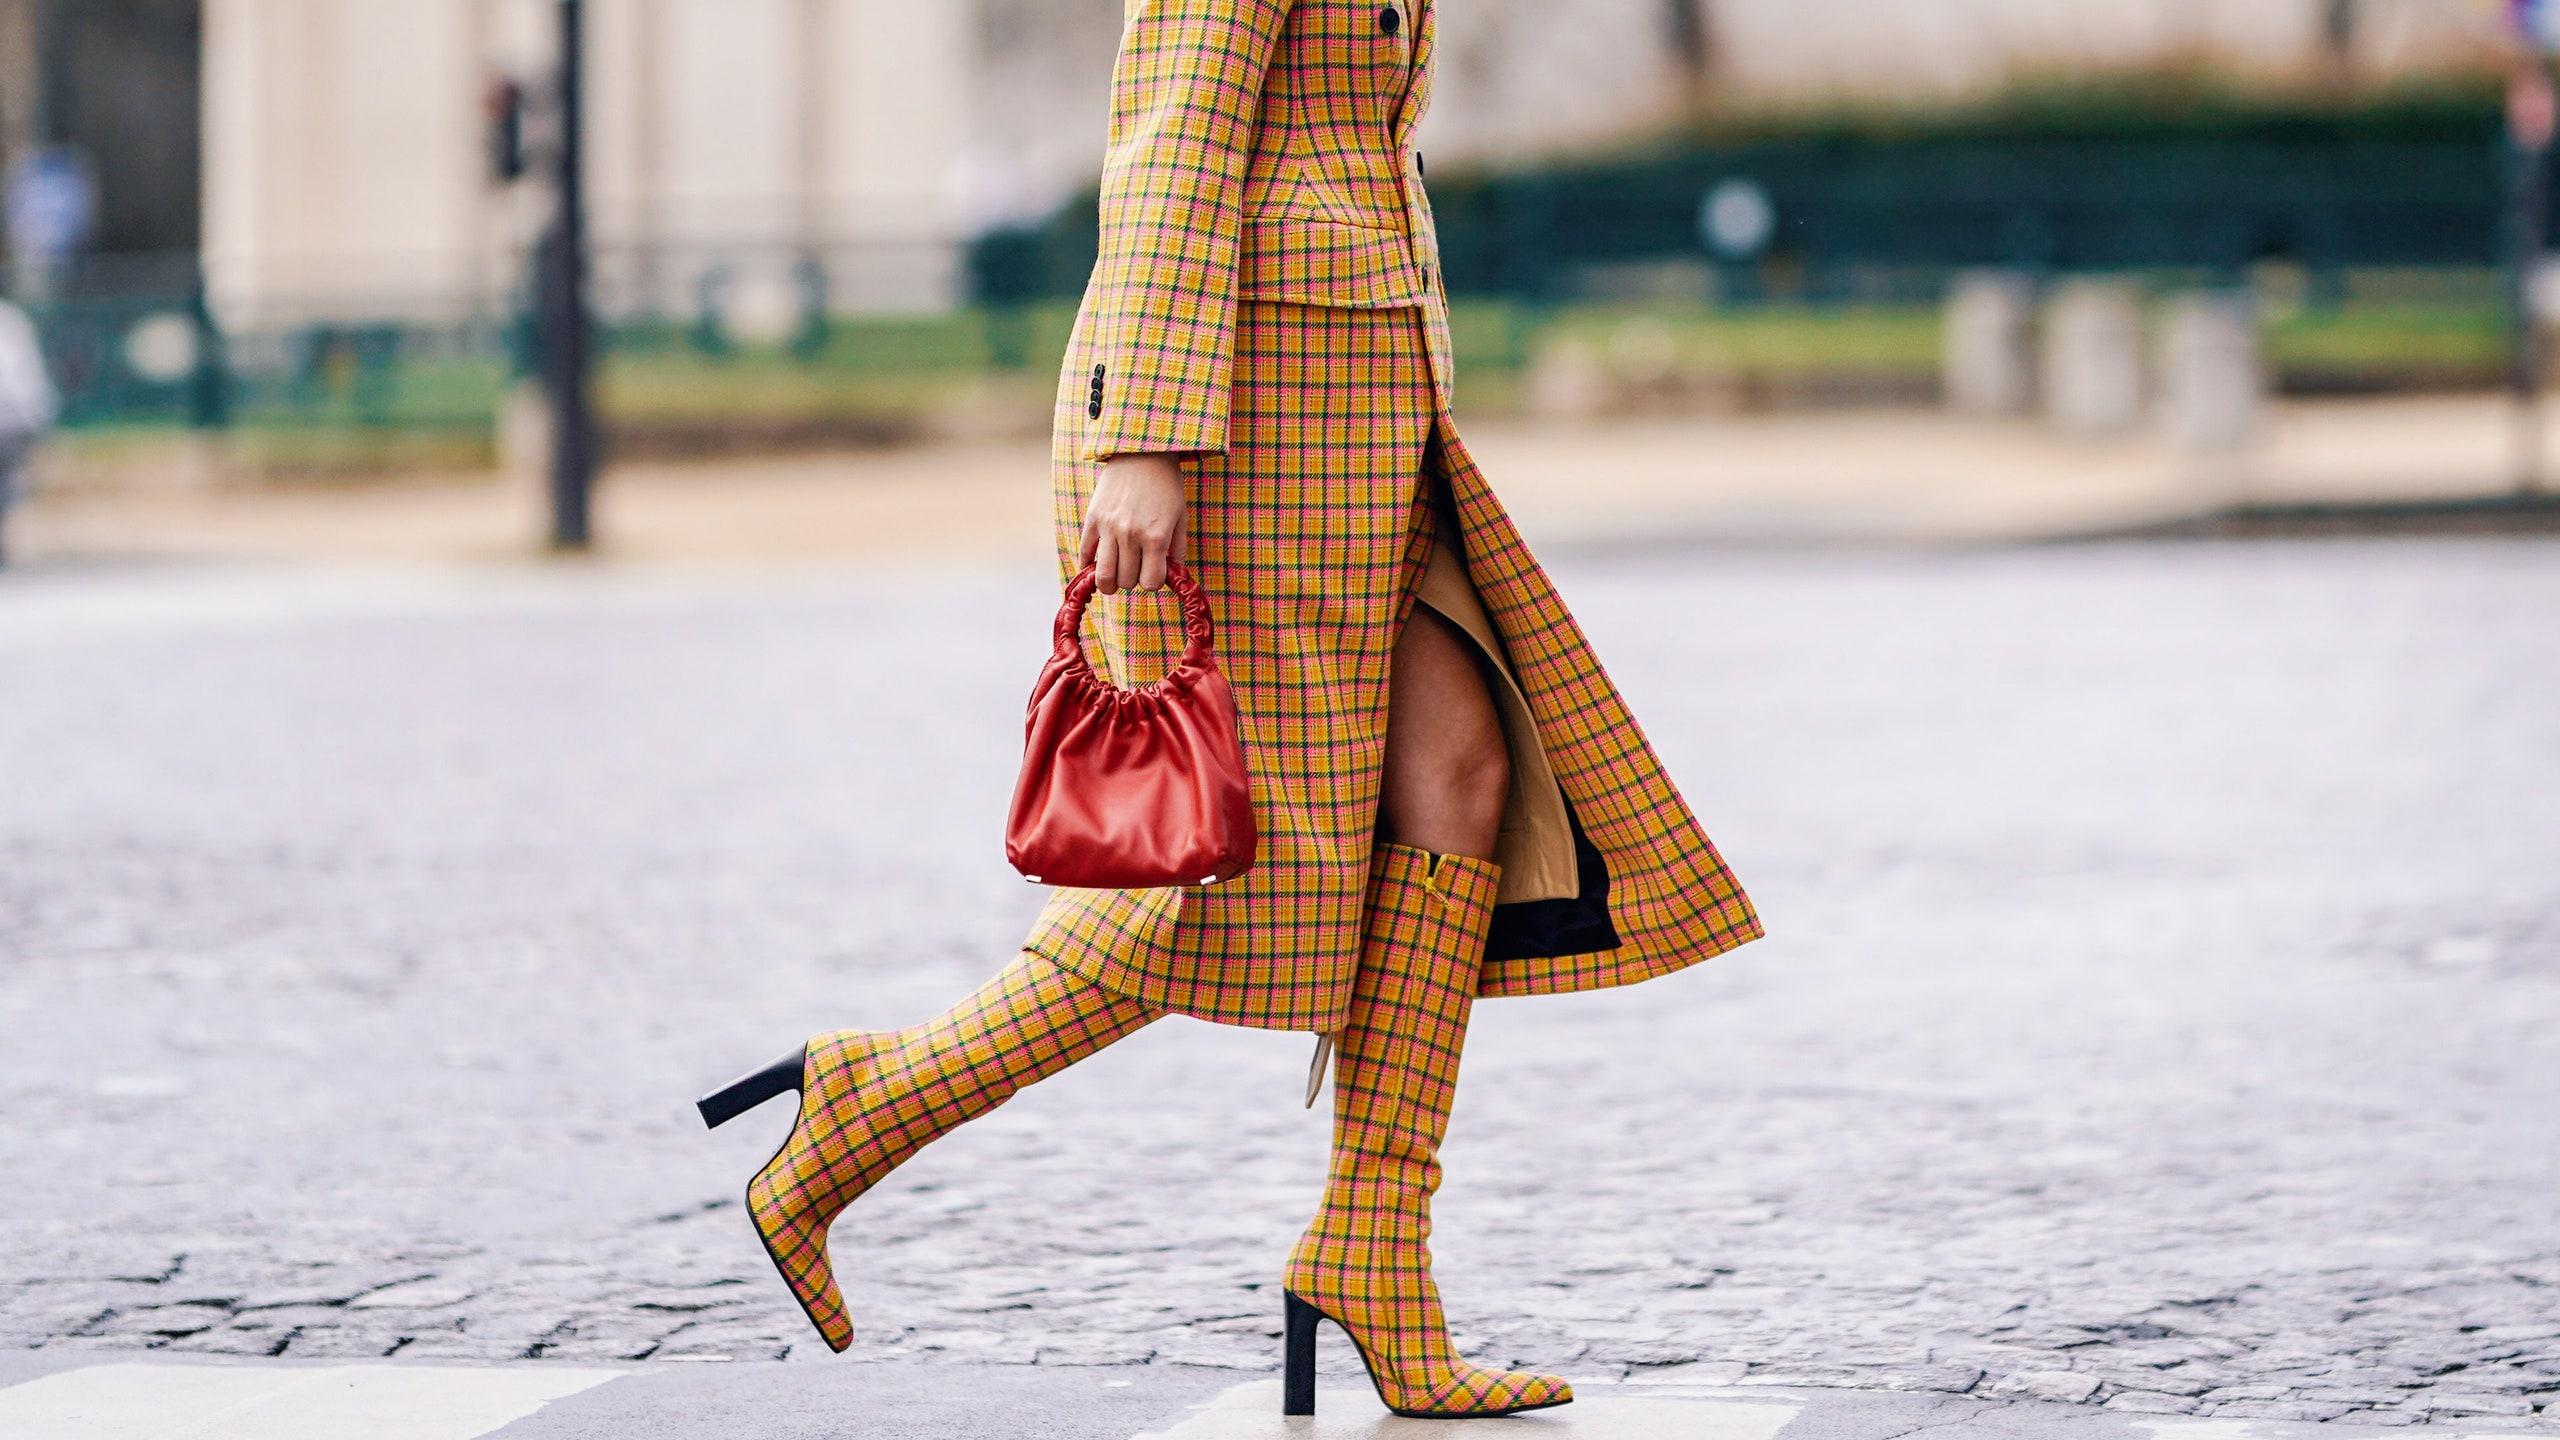 ست کفش با لباس مناسب؛ با آخرین مد روز حرکت کنید